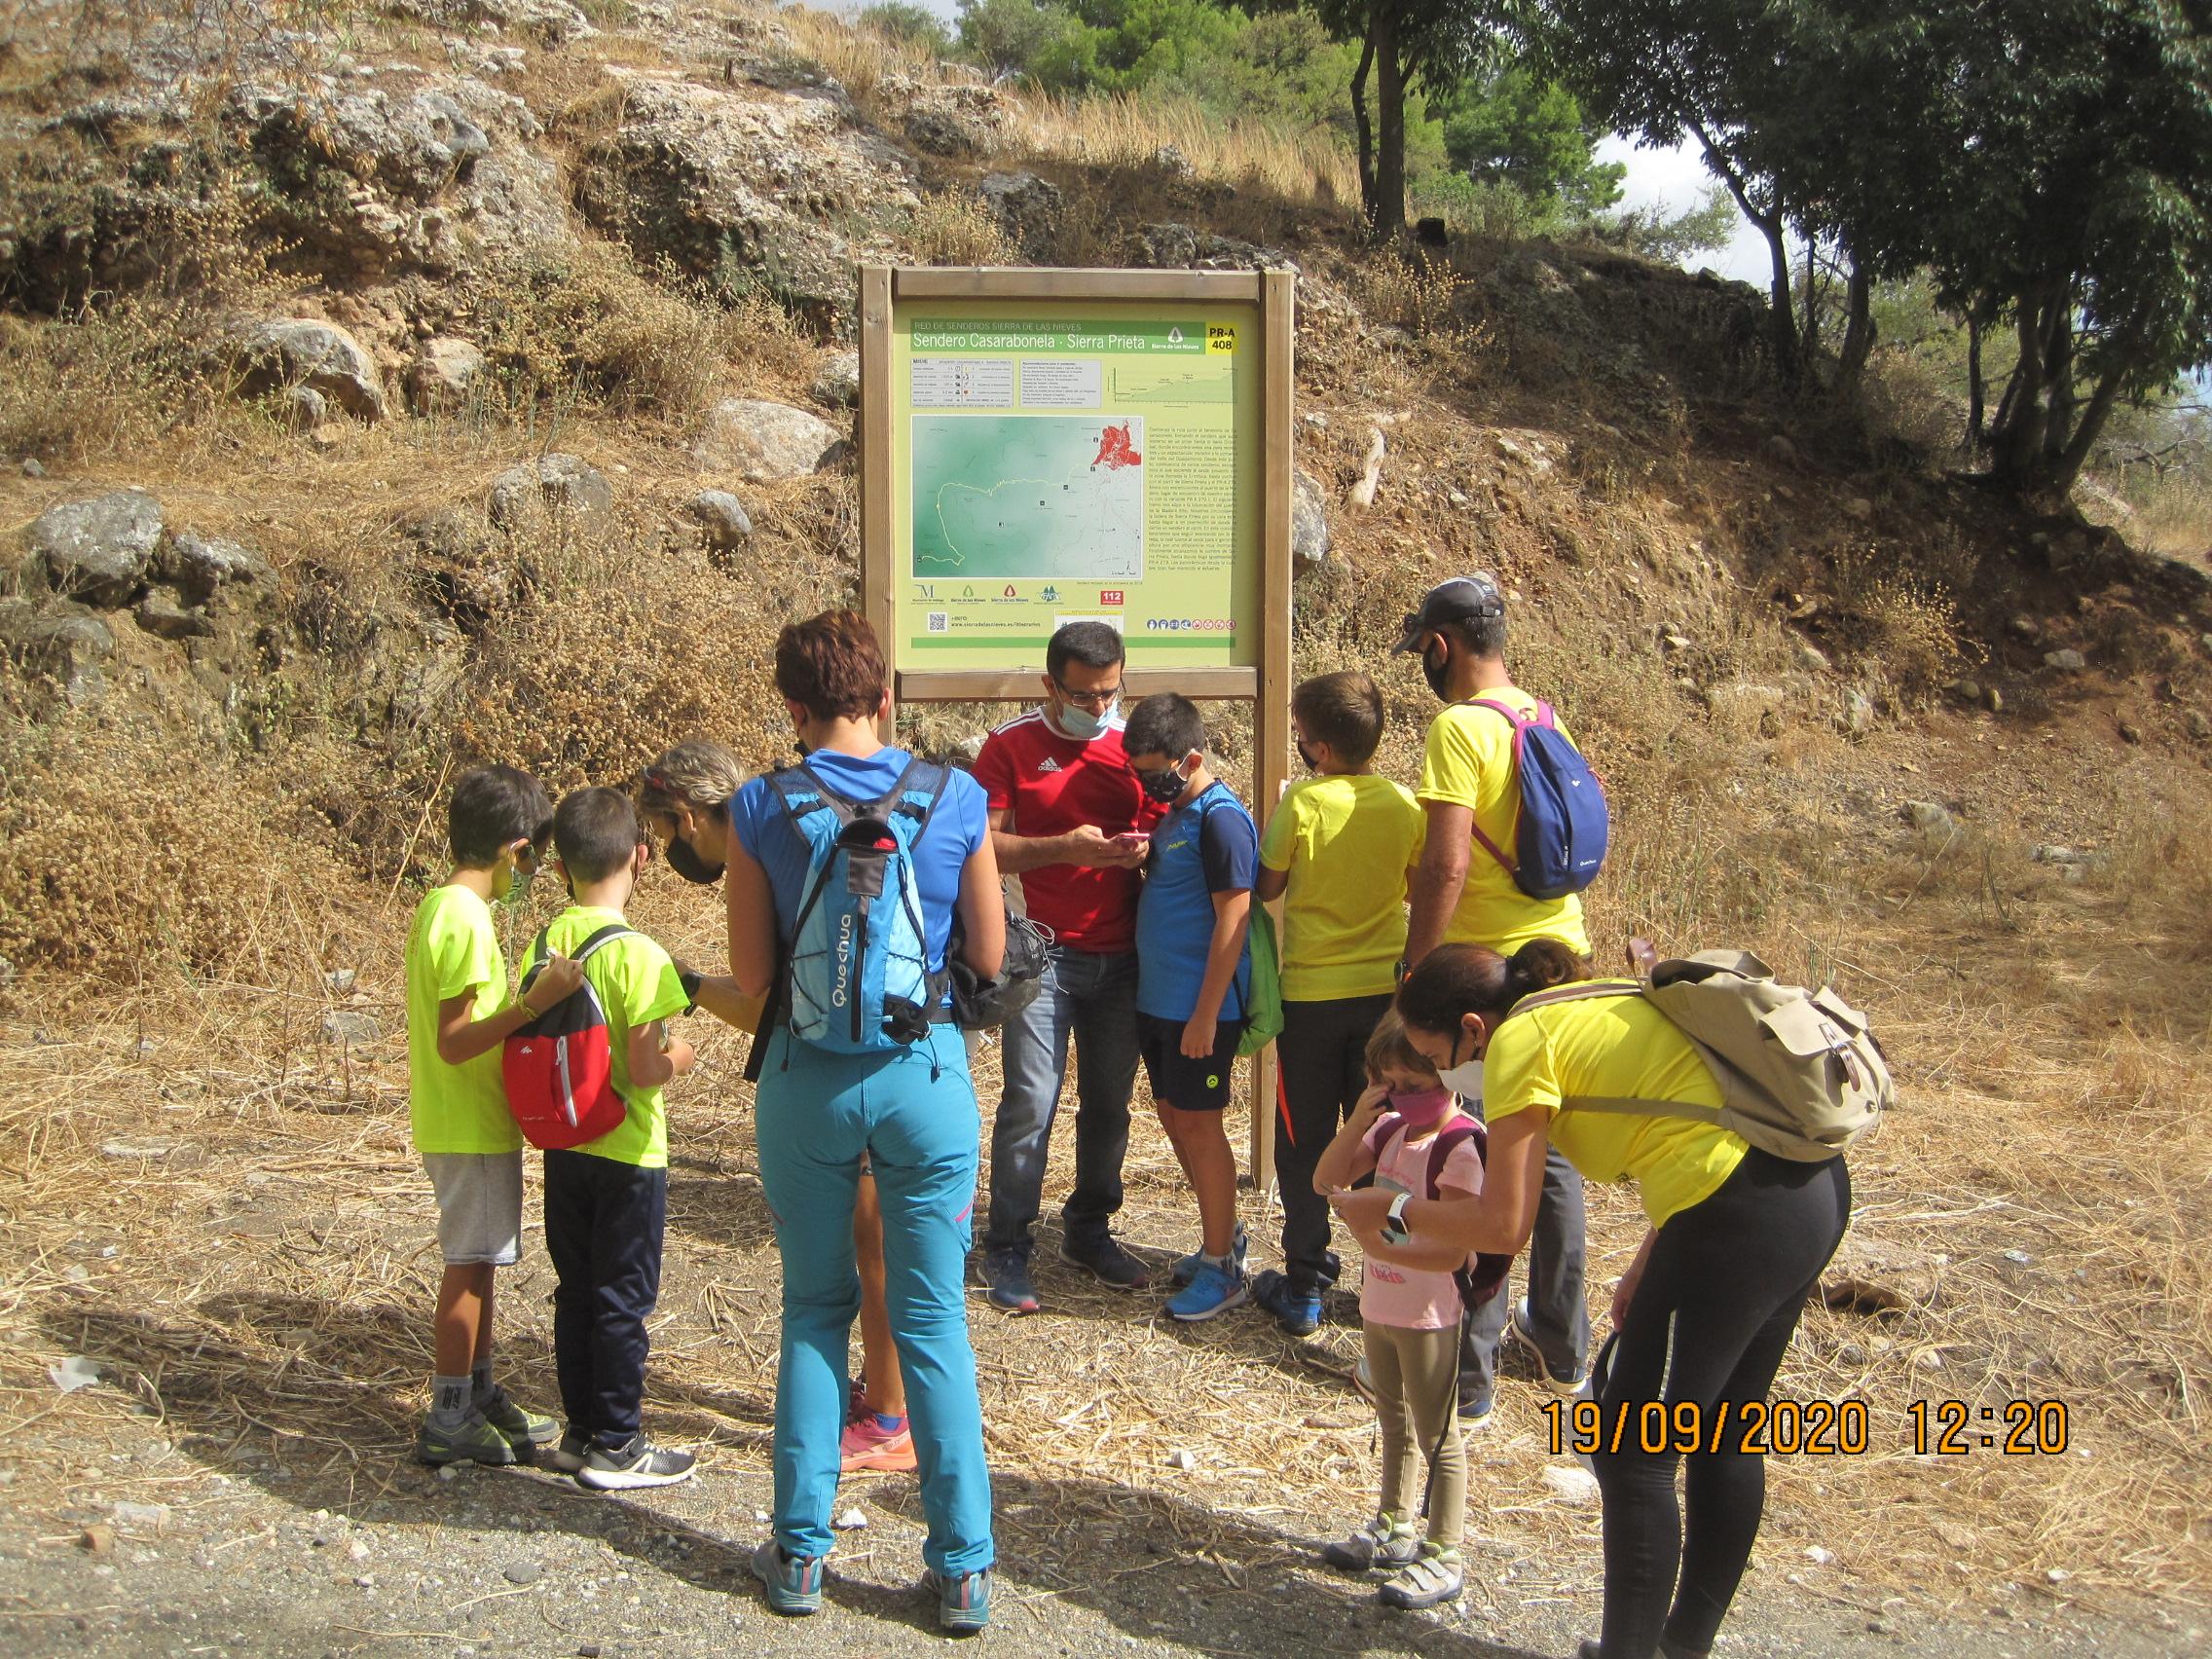 Ruta de Senderismo.  Marco Topo Ruta en la Naturaleza.  Casarabonela ( Sierra de las Nieves ). Fecha: Sábado 19 Septiembre 2020.